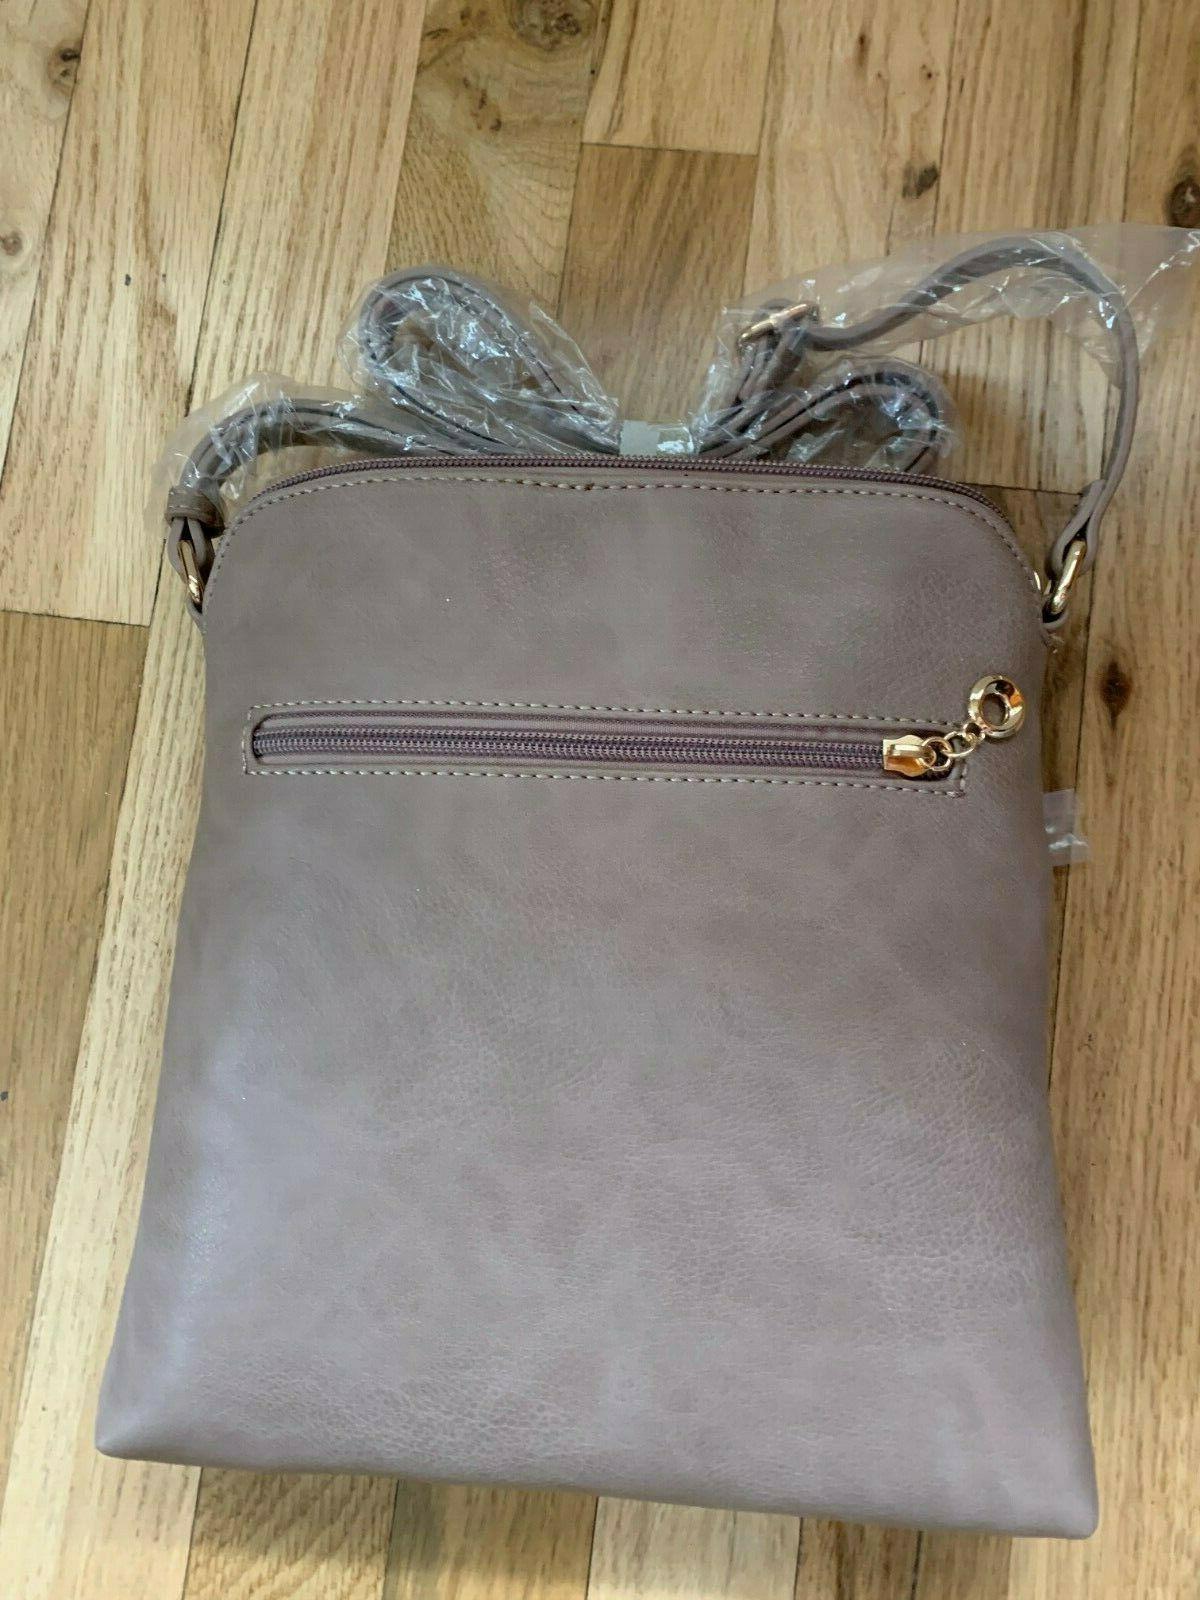 Bag in